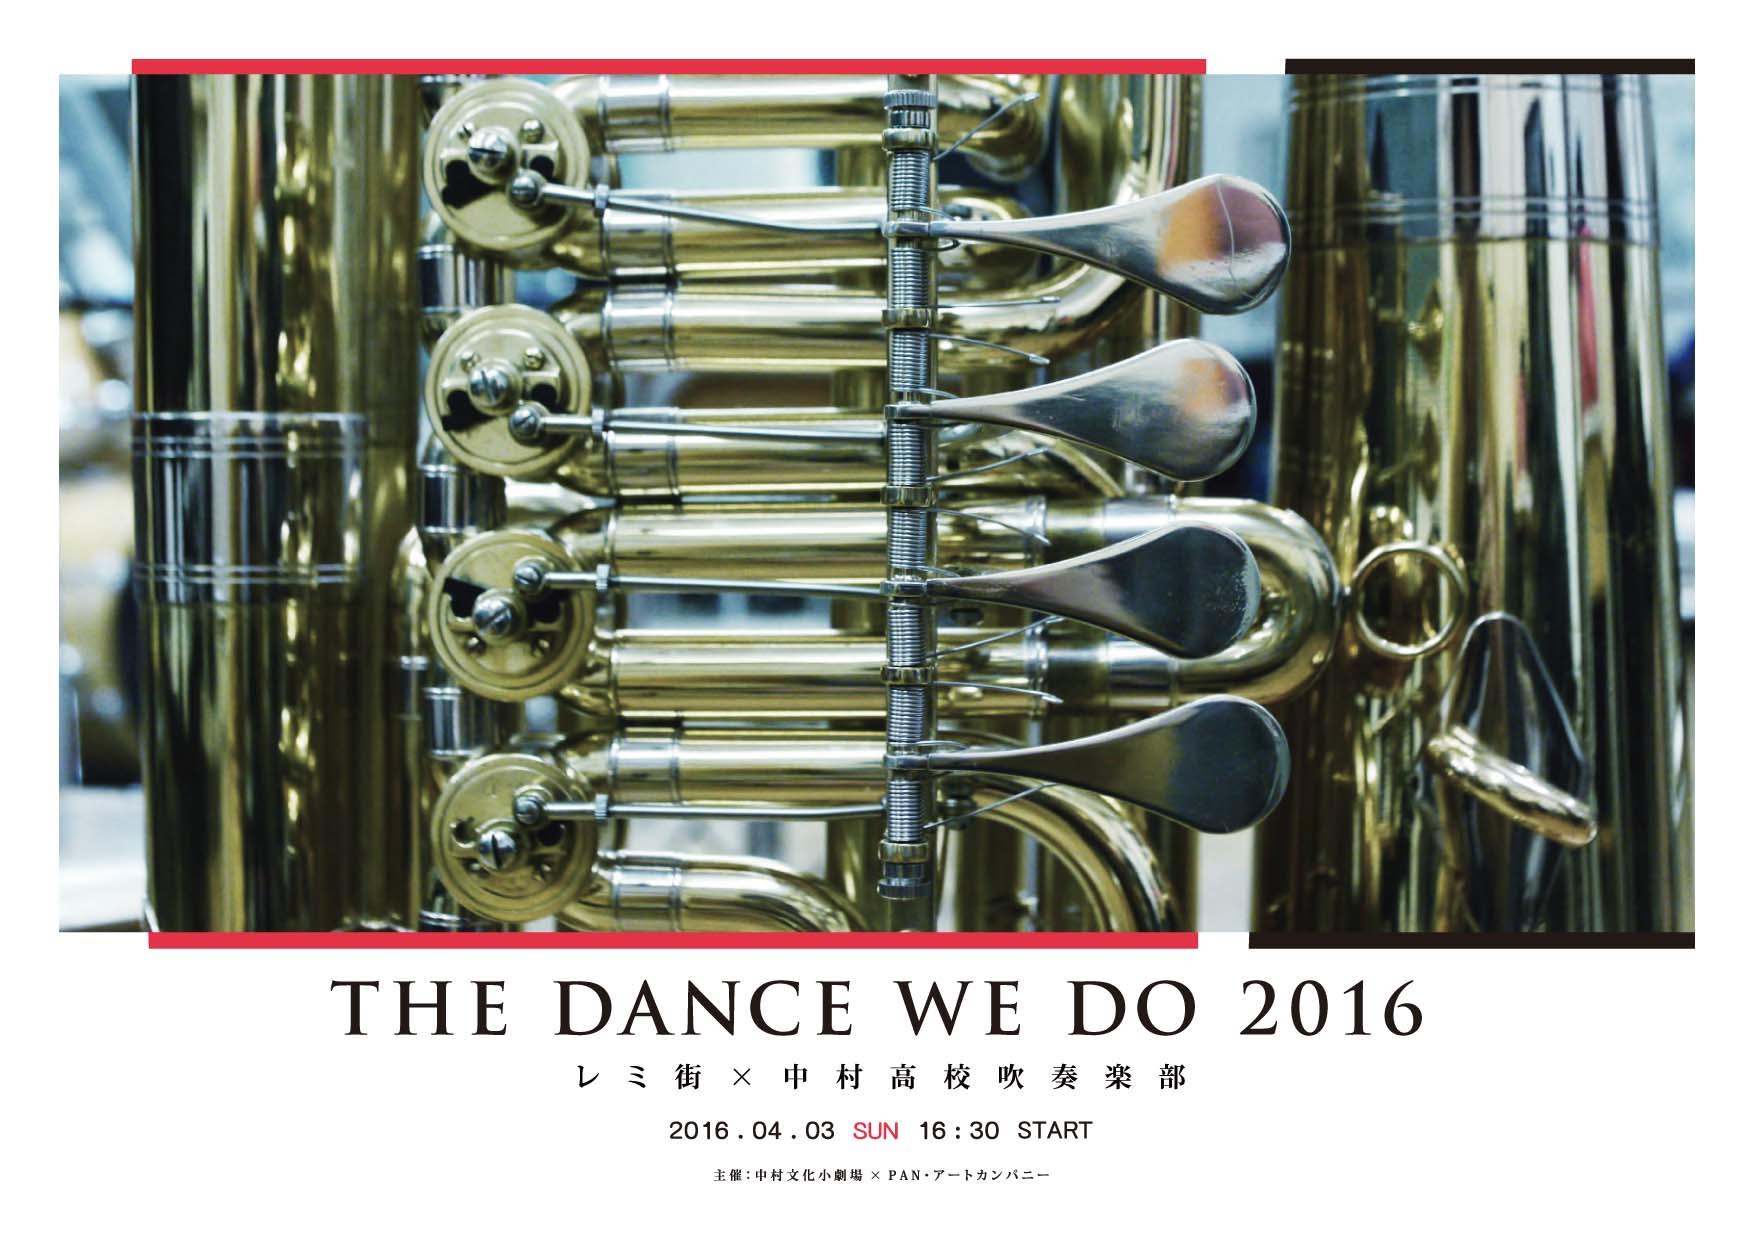 TDWD2016